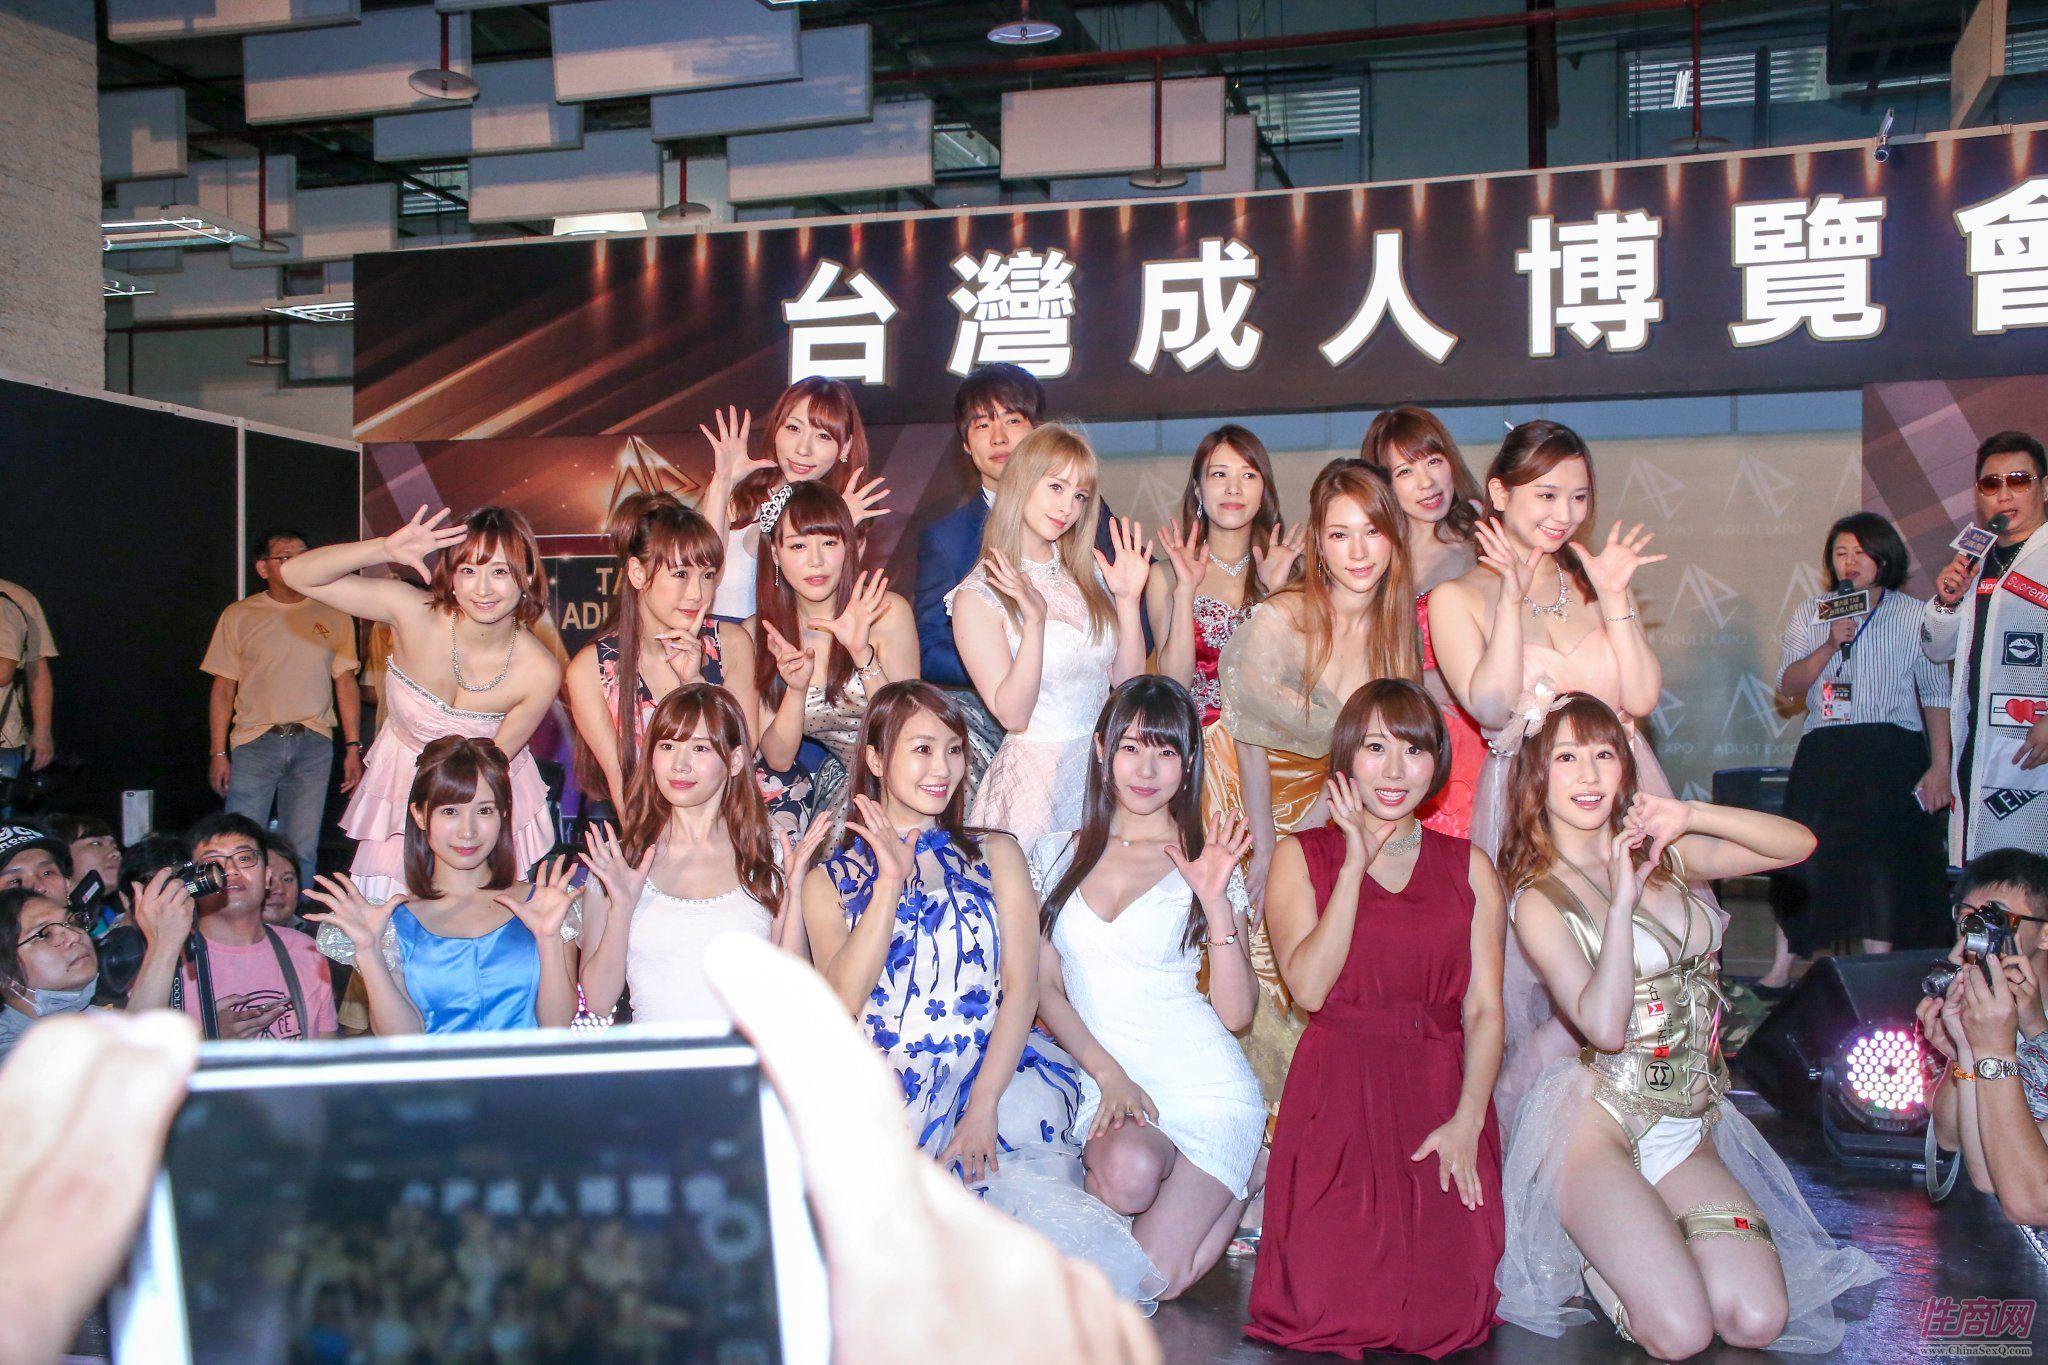 2017第六届台湾成人博览会女优嫩模云集图片24